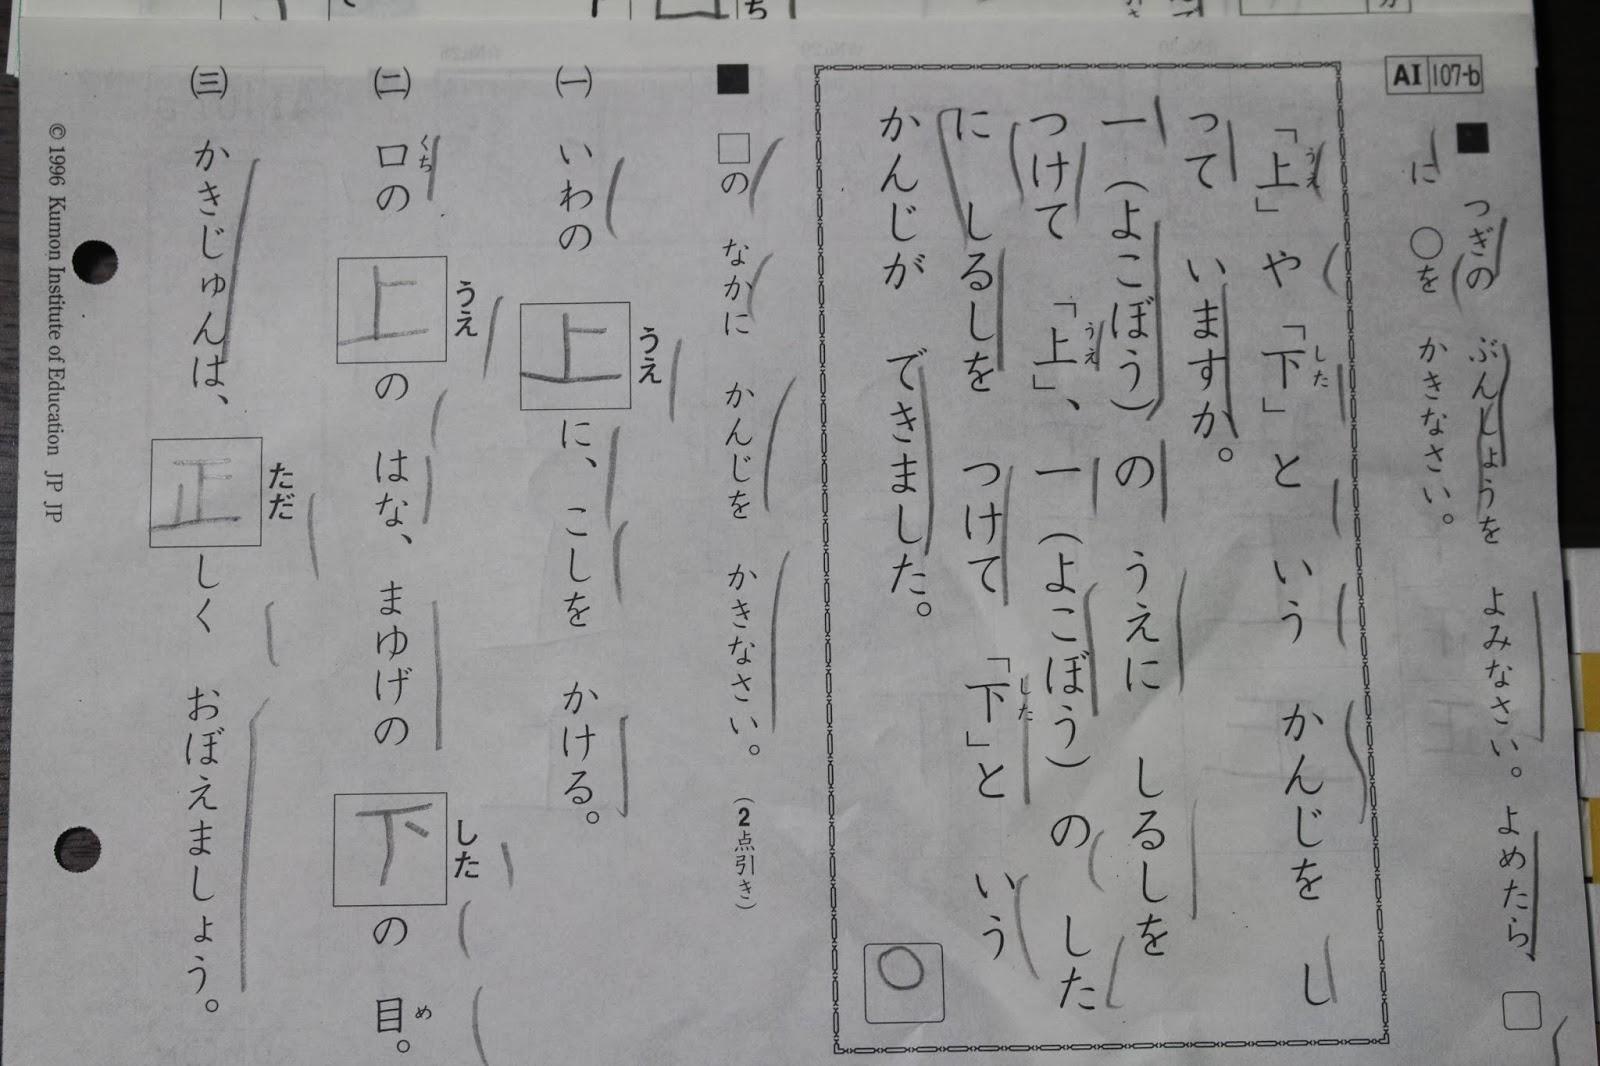 やってて良かった公文式: 【就学前の公文・国語】習い始めて半年が経過!